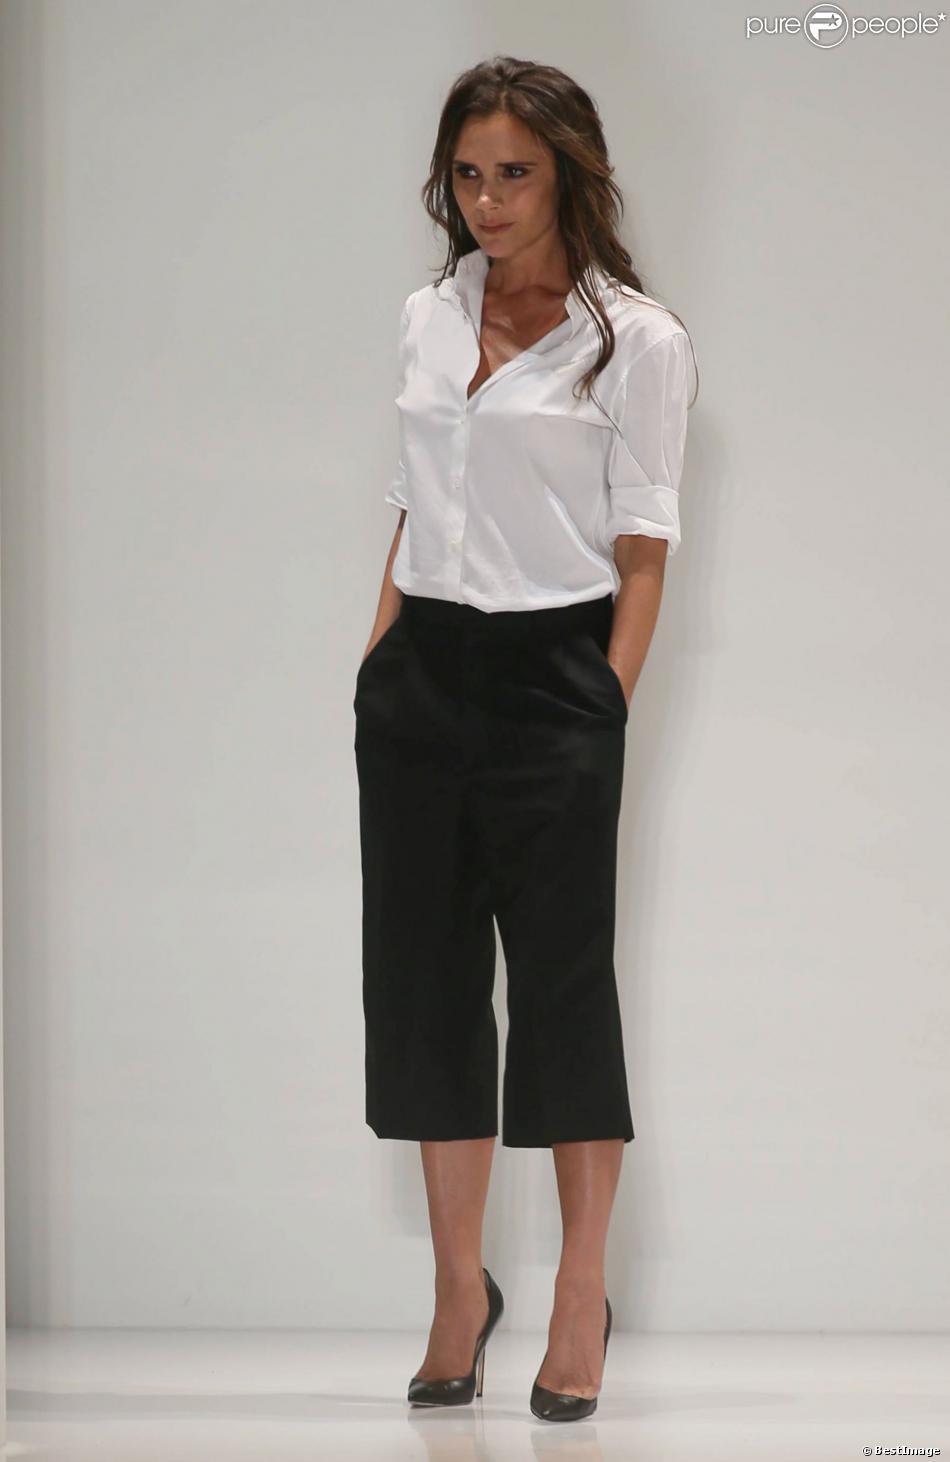 Victoria Beckham, ultra chic en chemise blanche, pantalon noir et souliers Manolo Blahnik, salue son public à l'issue de son défilé printemps-été 2014. New York, le 8 septembre 2013.